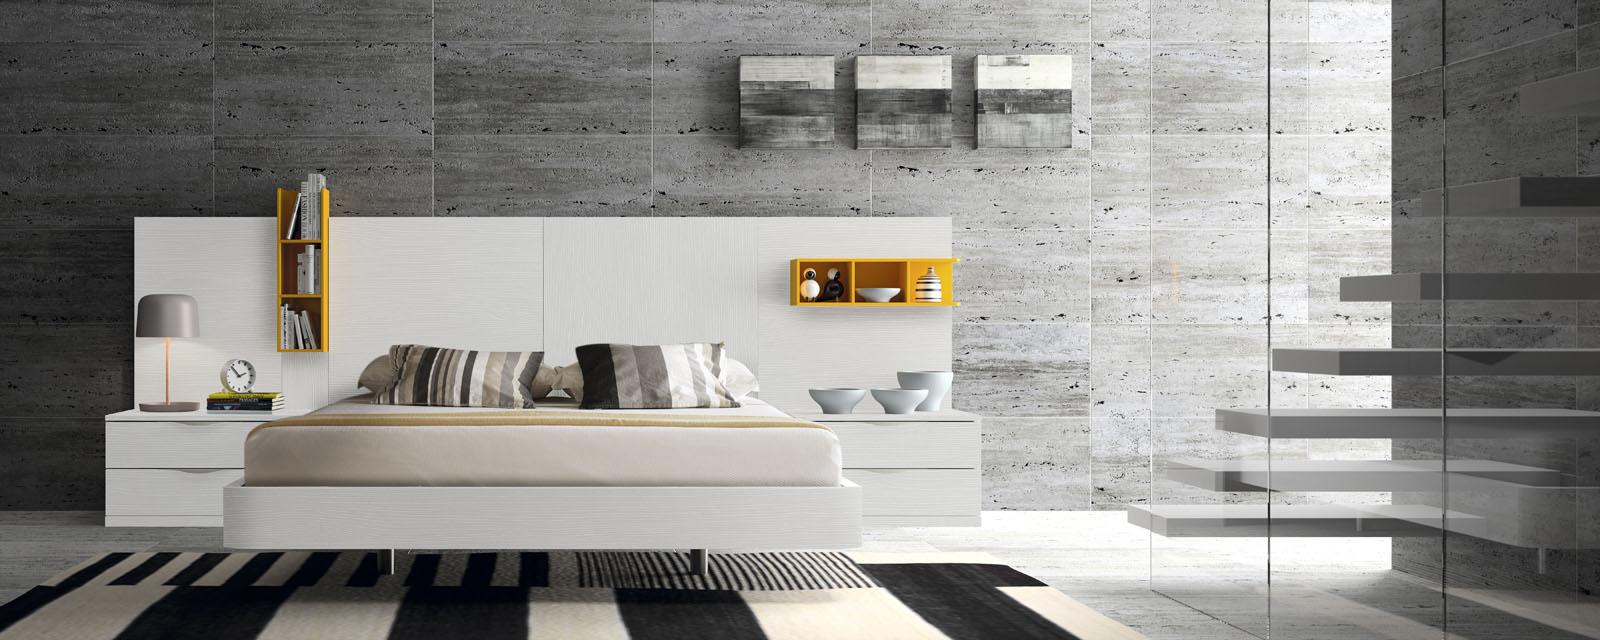 Eos Concept De Glicerio Chaves El Imprescindible En La Tienda De  # Fabricante Muebles Eos